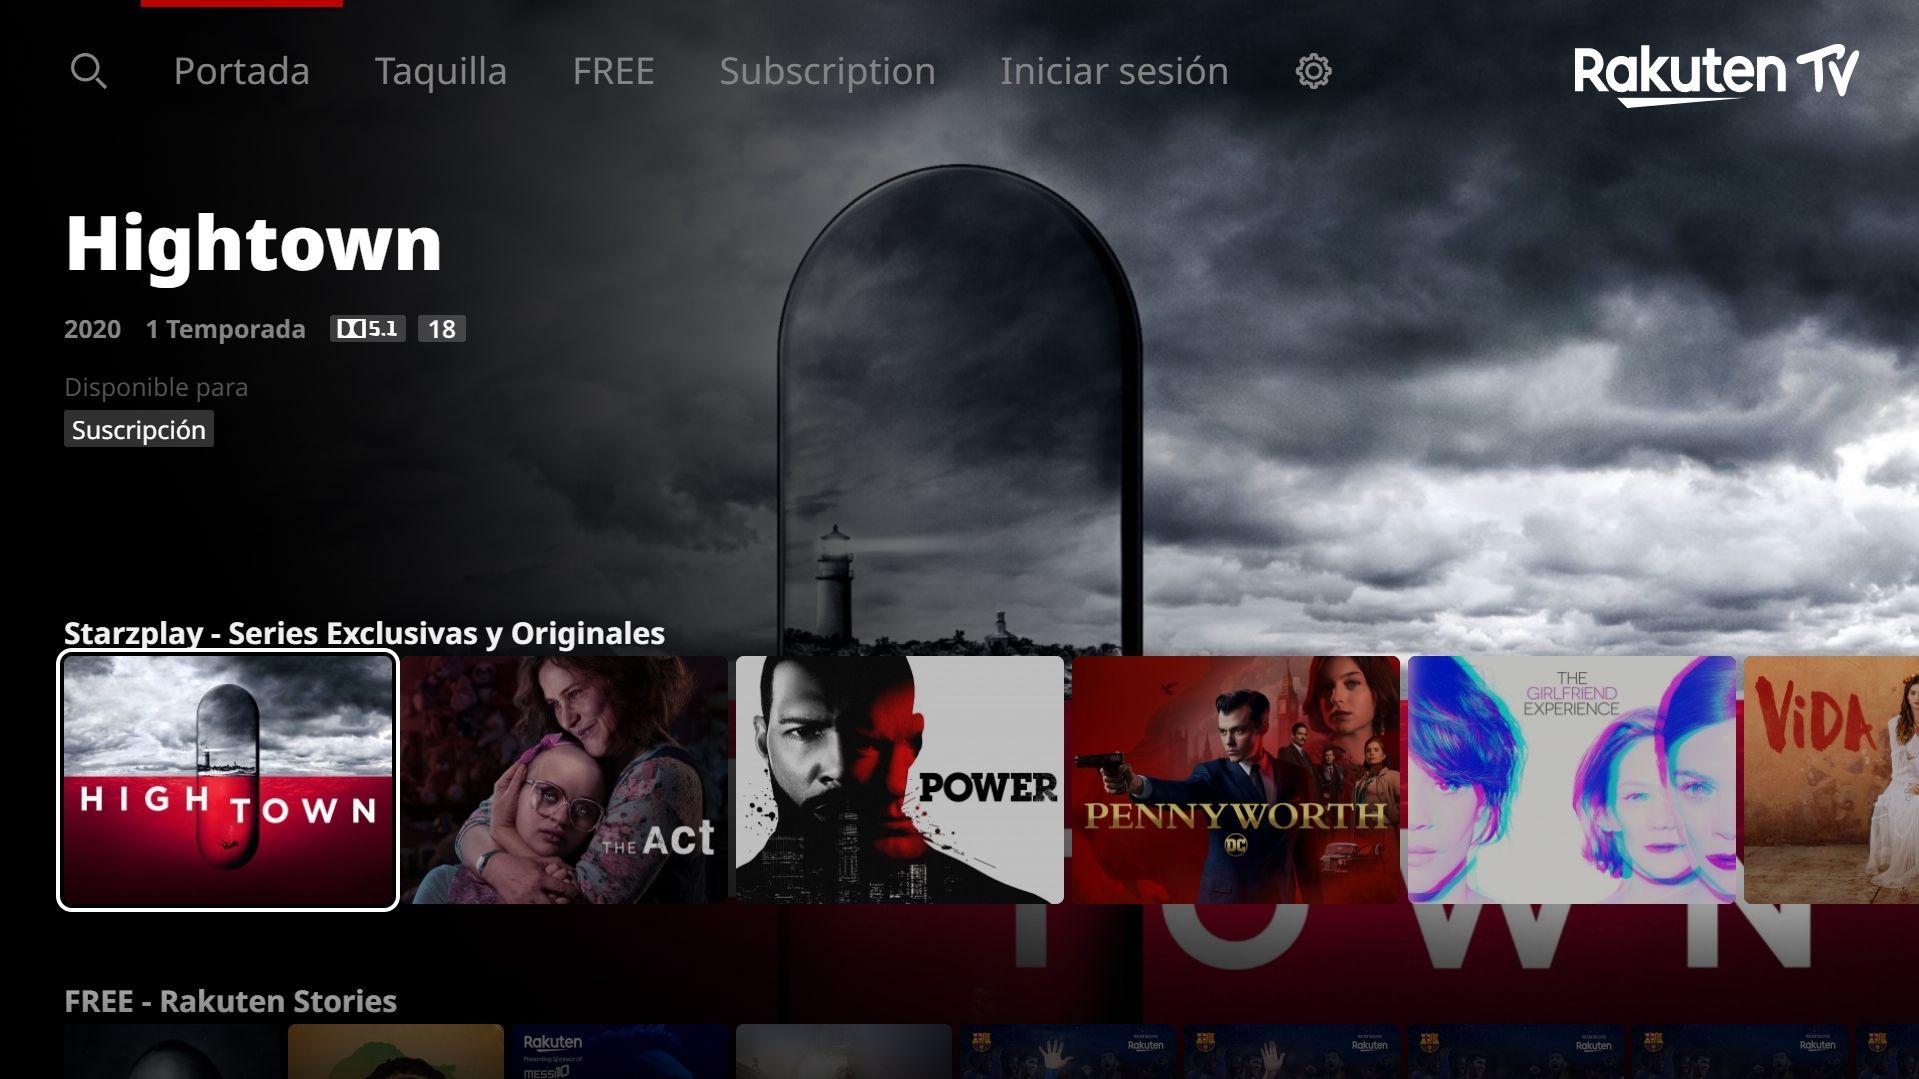 Rakuten TV lanza el servicio de suscripción STARZPLAY en la plataforma